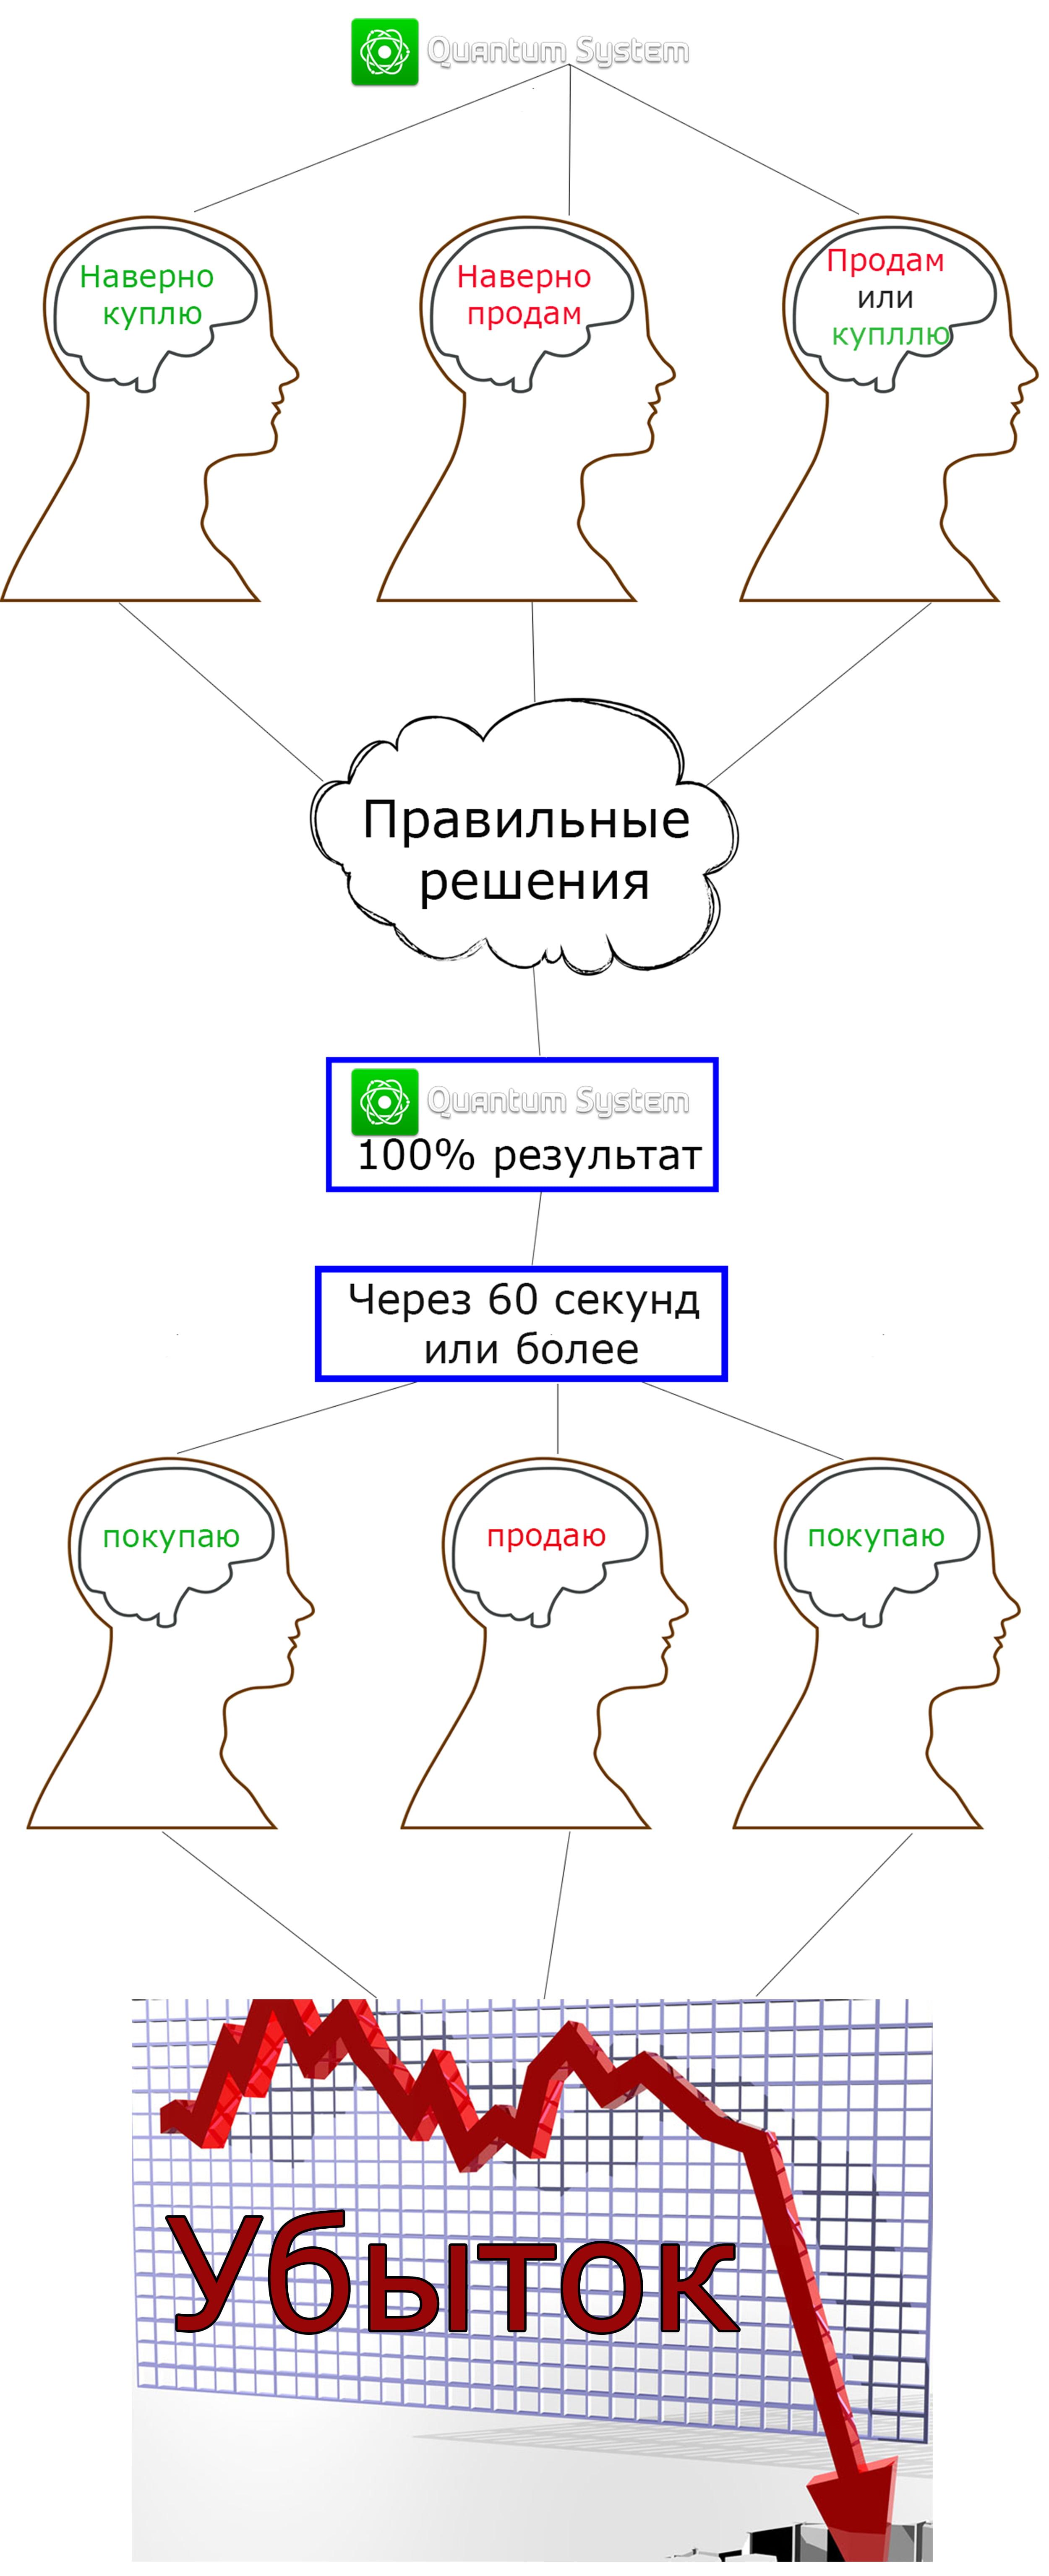 Схема заработка с Quantum System